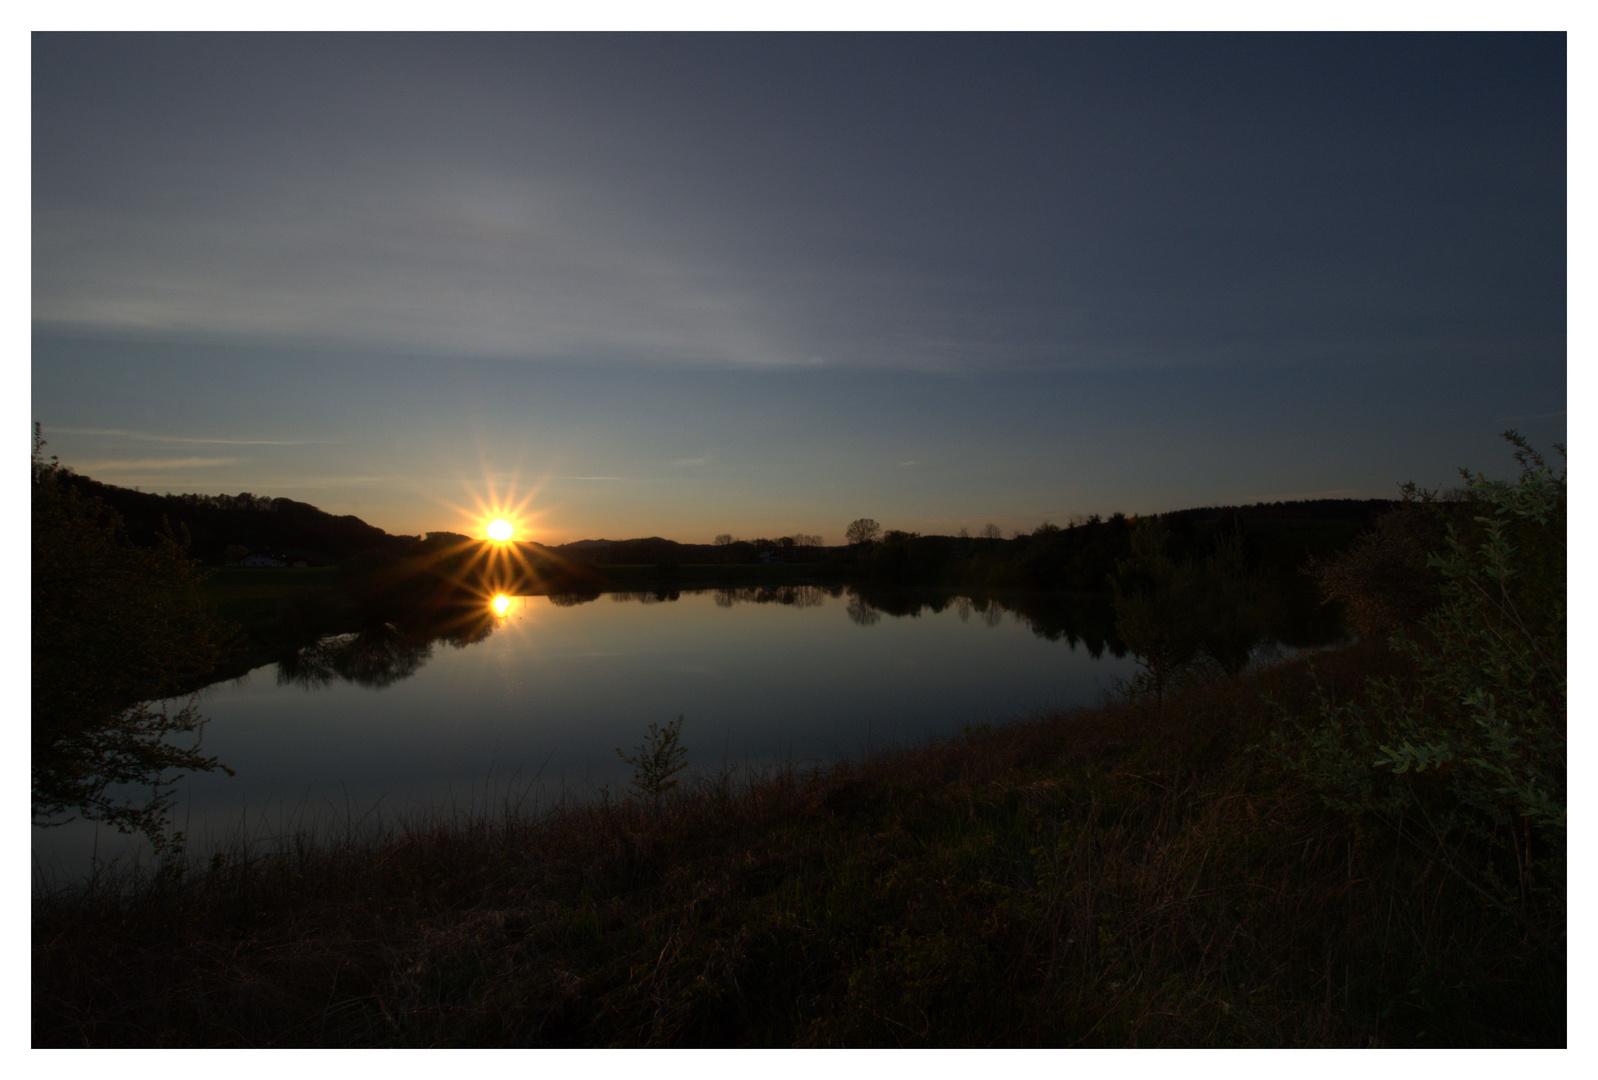 Sonnenuntergang in Zeiling 23.04.2013